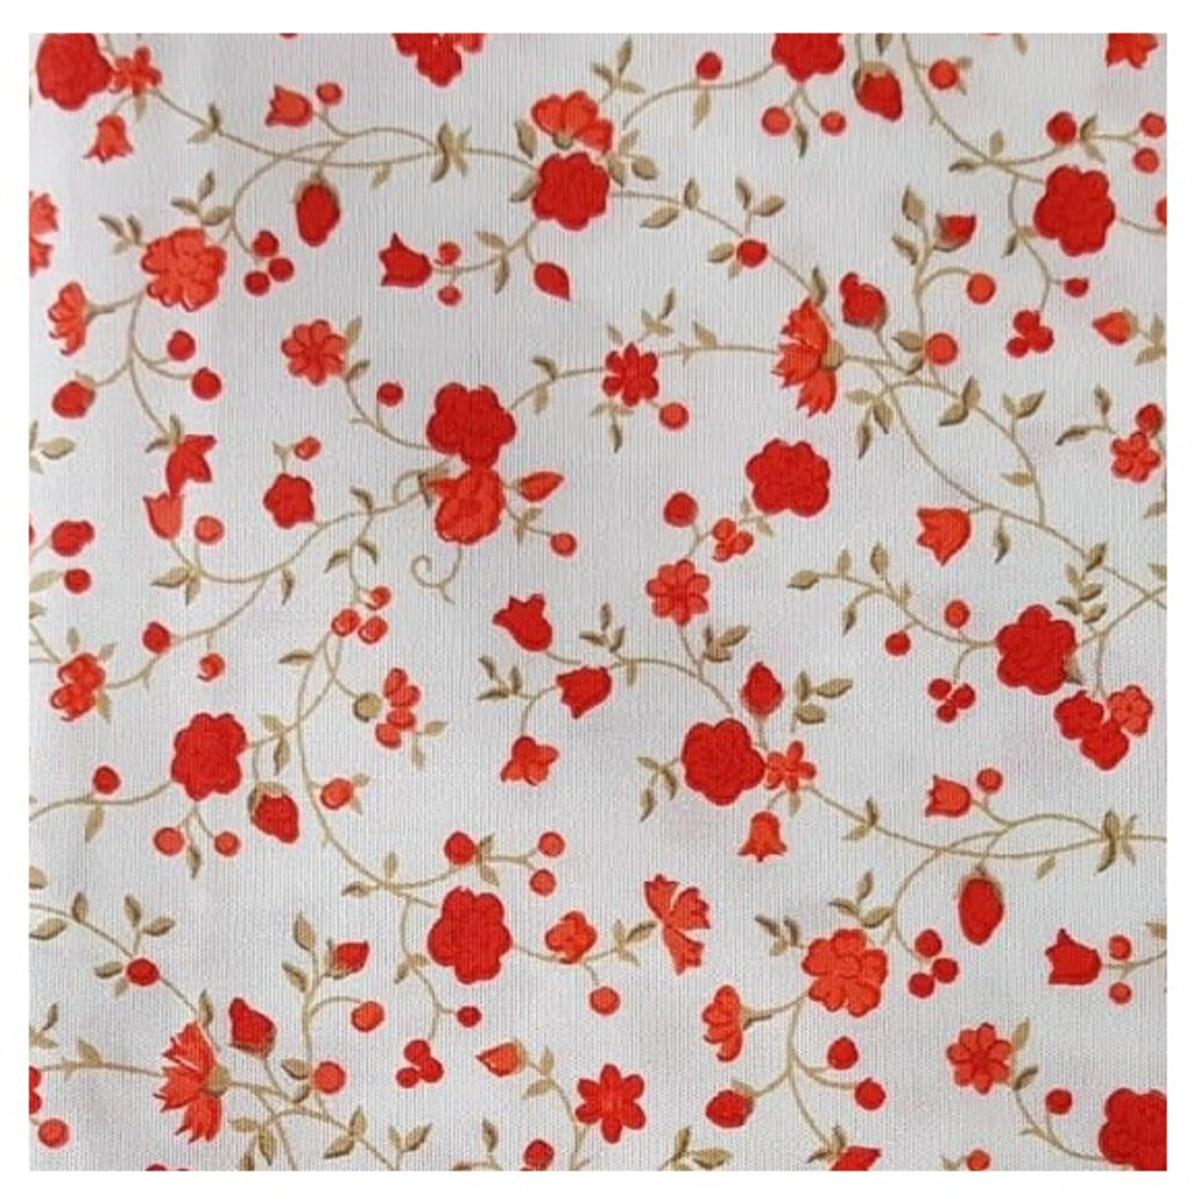 4afcc29a59 Tecido Patchwork Floral Rosas Vermelha Fundo Branco 3944 no Elo7 ...